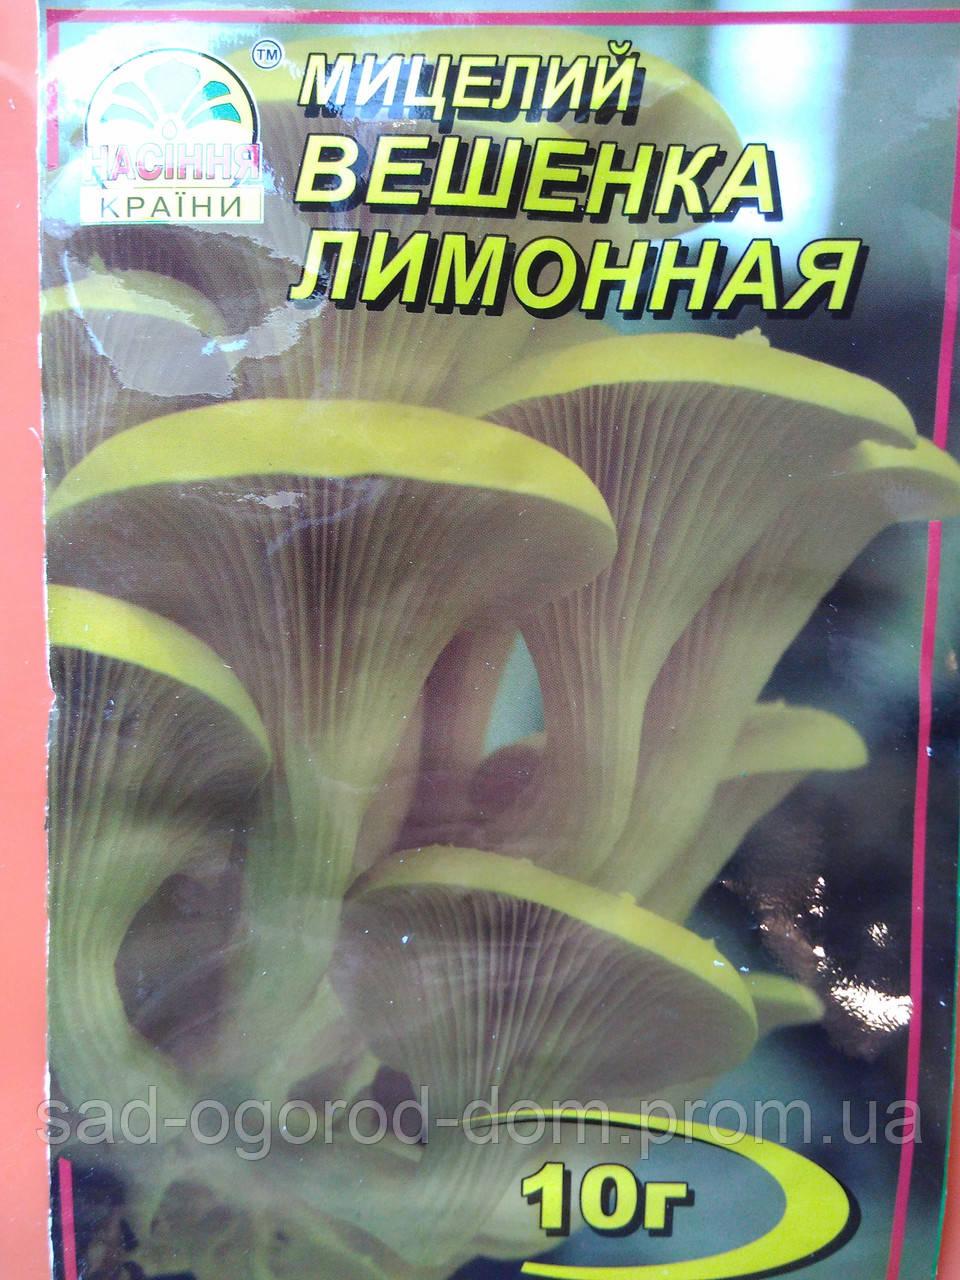 Мицелий Вешенки Лимонной